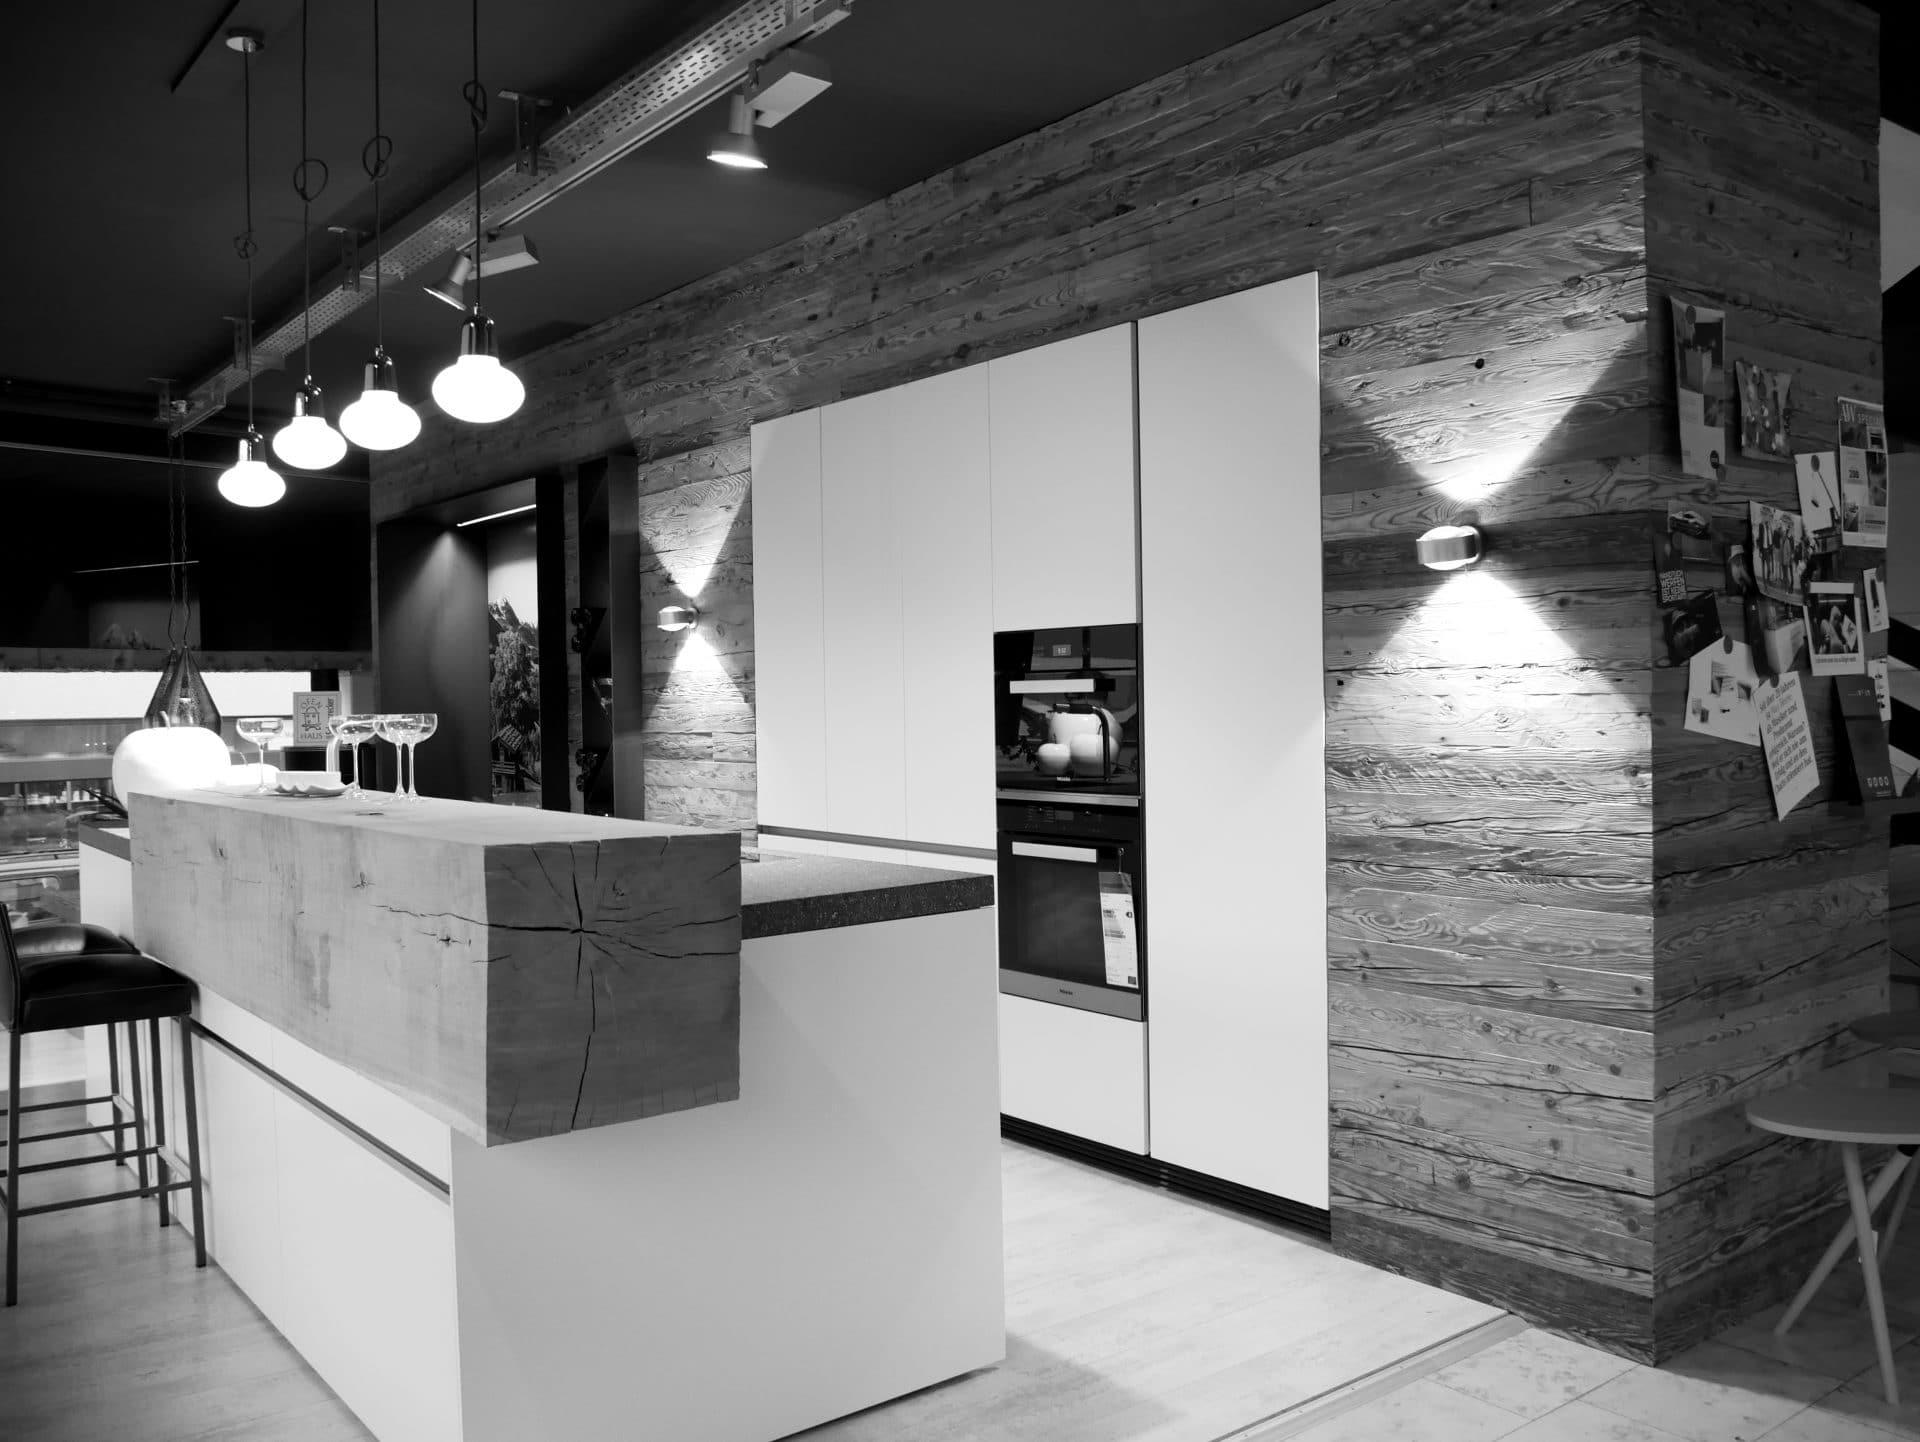 Showroom von Schreinerei und Planungsbüro VOIT in Markt Schwaben, Designerküche mit schwerer Anrichte aus Massivholz, im Hintergrund verschiedene Einbaugeräte - Bild in schwarz-weiß